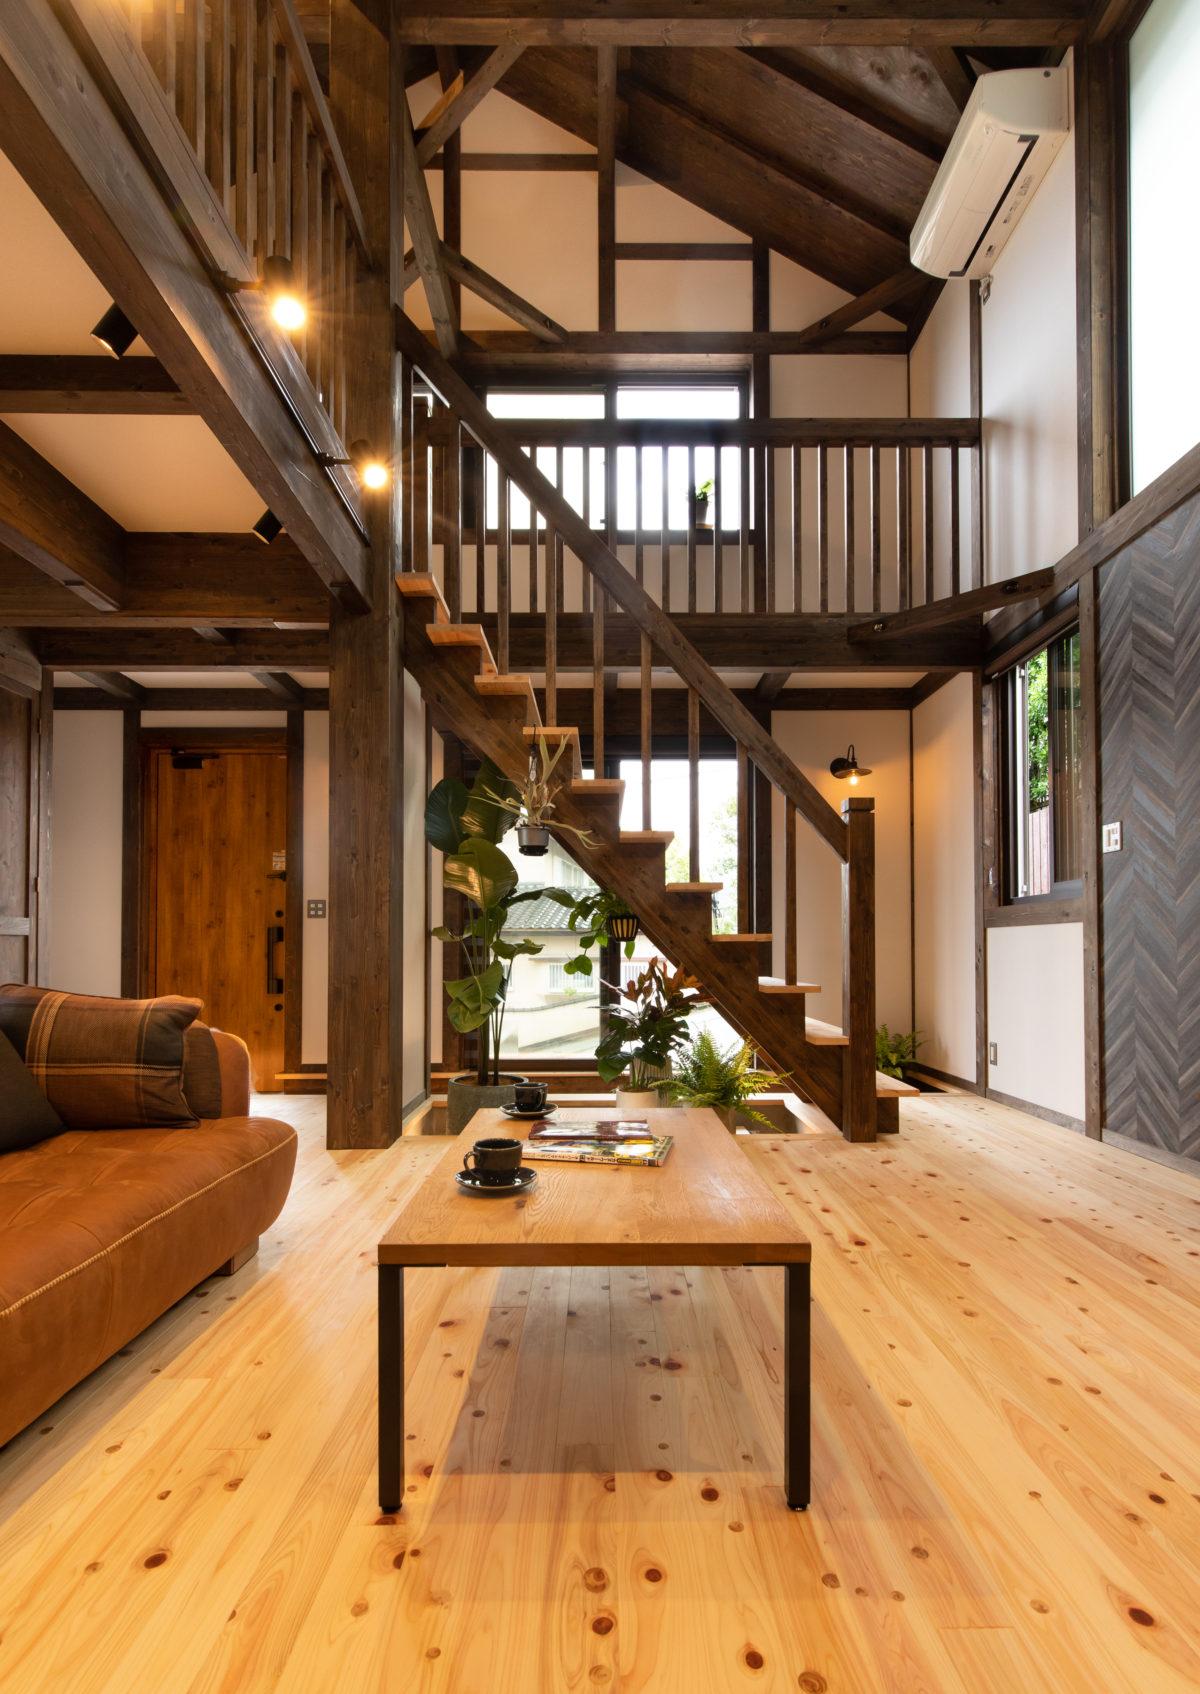 ♪♪木の家マルシェの詳細♪♪